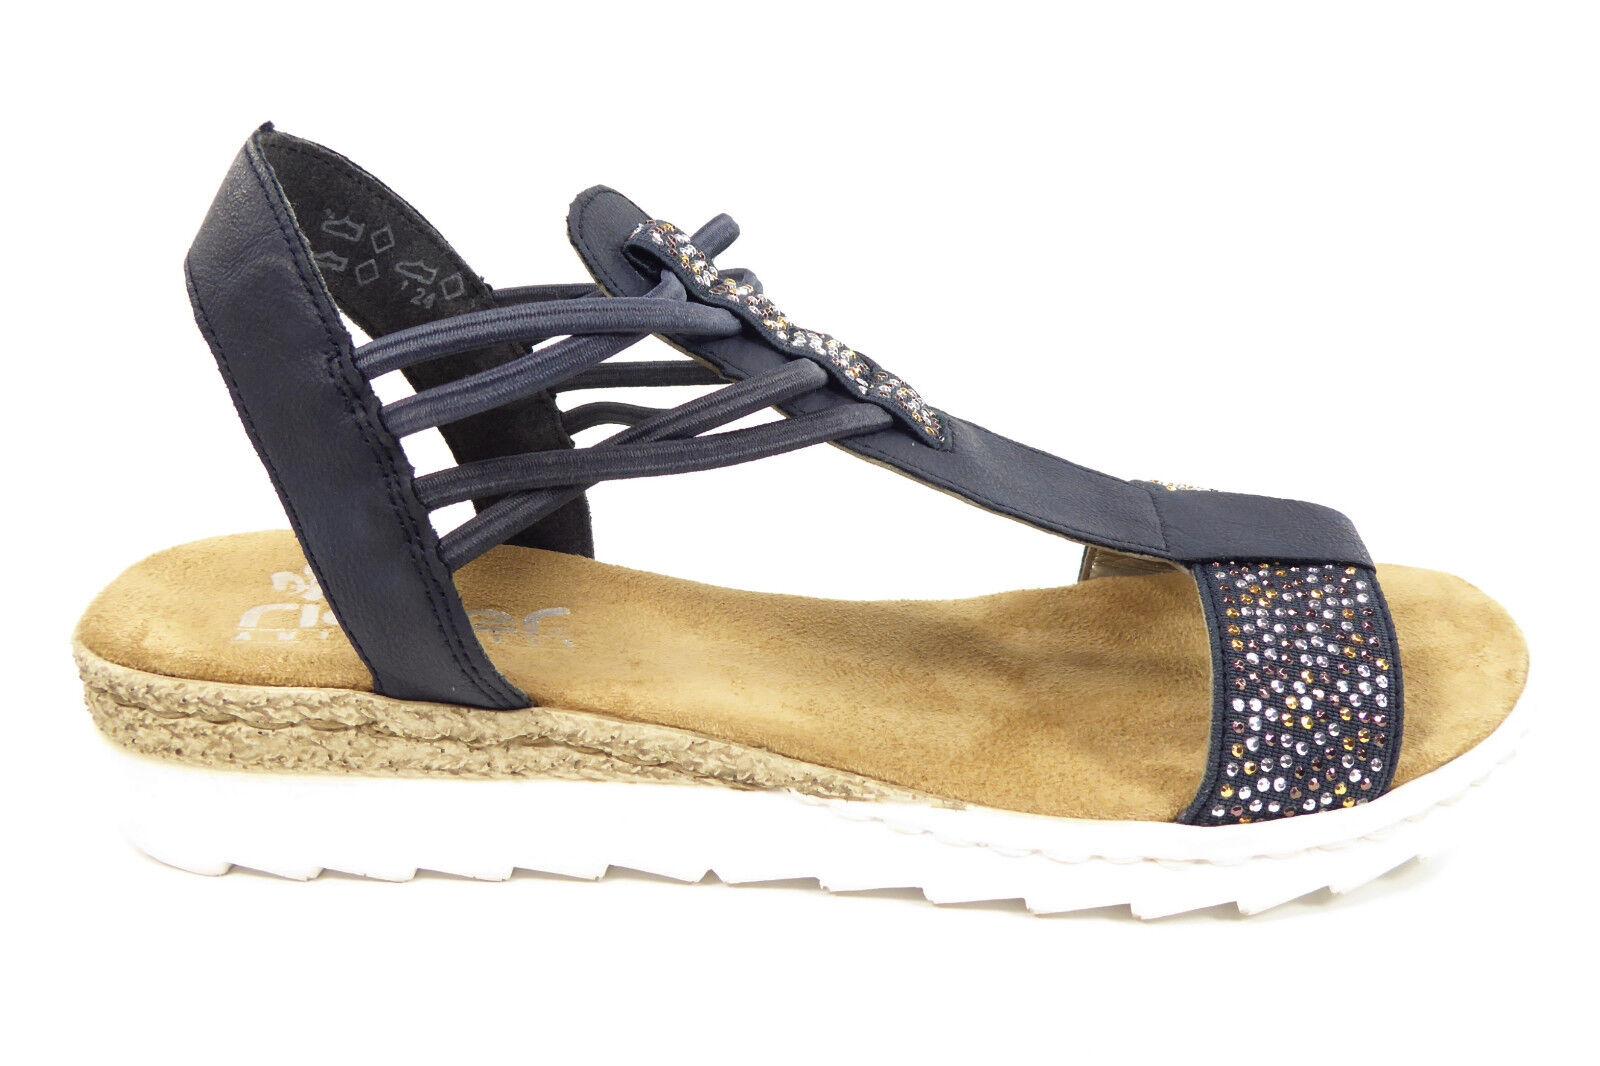 Rieker Damenschuhe Sandalen Sandaletten in Blau 63062-14